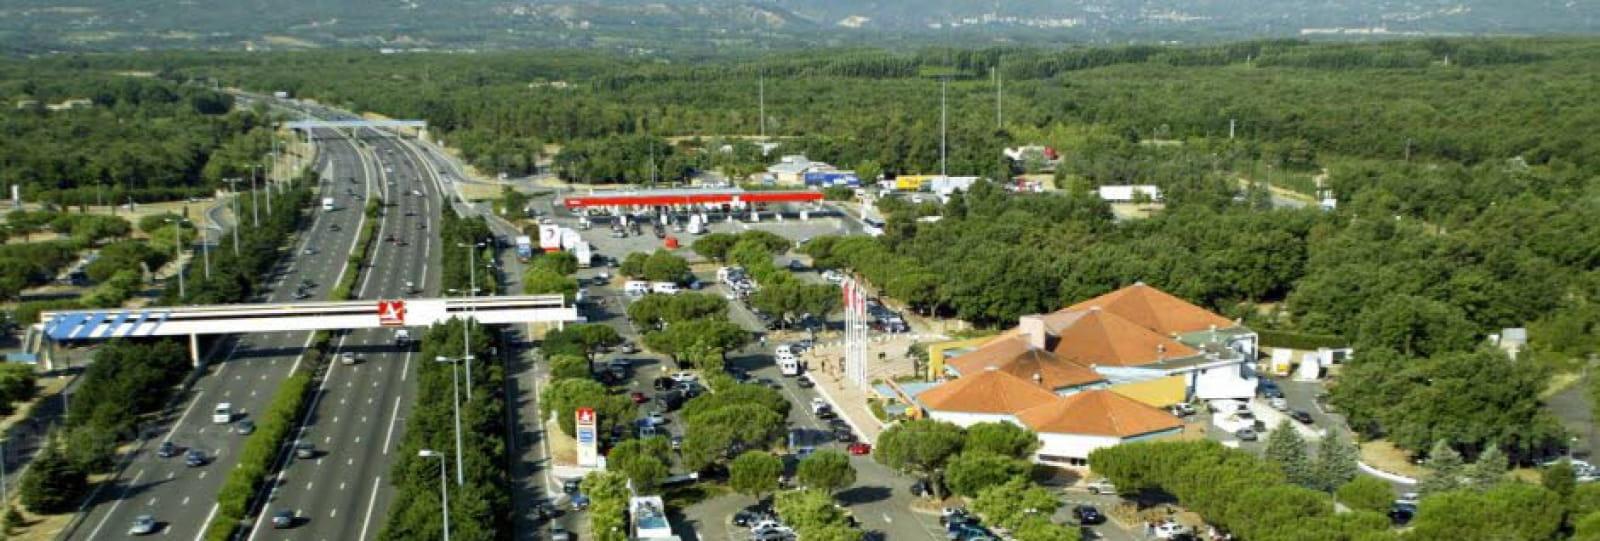 Aire Camping-Cars A7 Montélimar Est